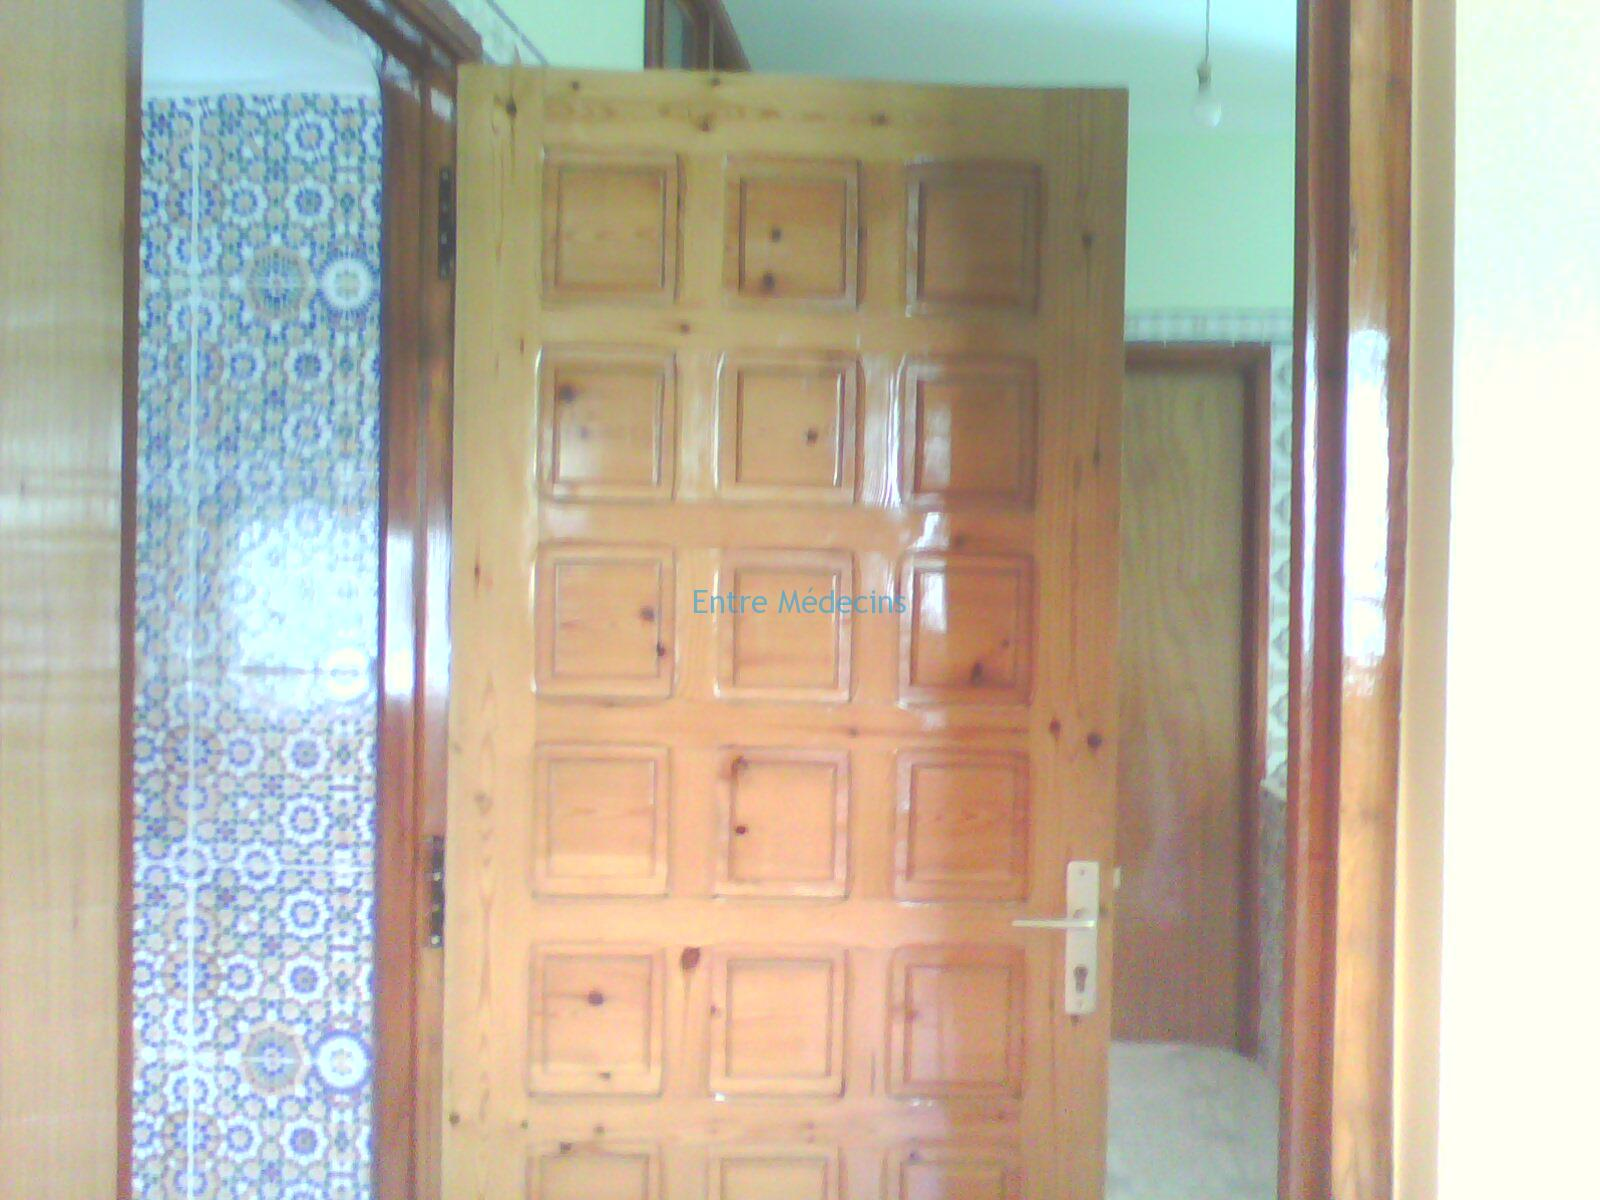 Location de cabinet ou laboratoire entre m decins - Cabinet analyse medicale ...